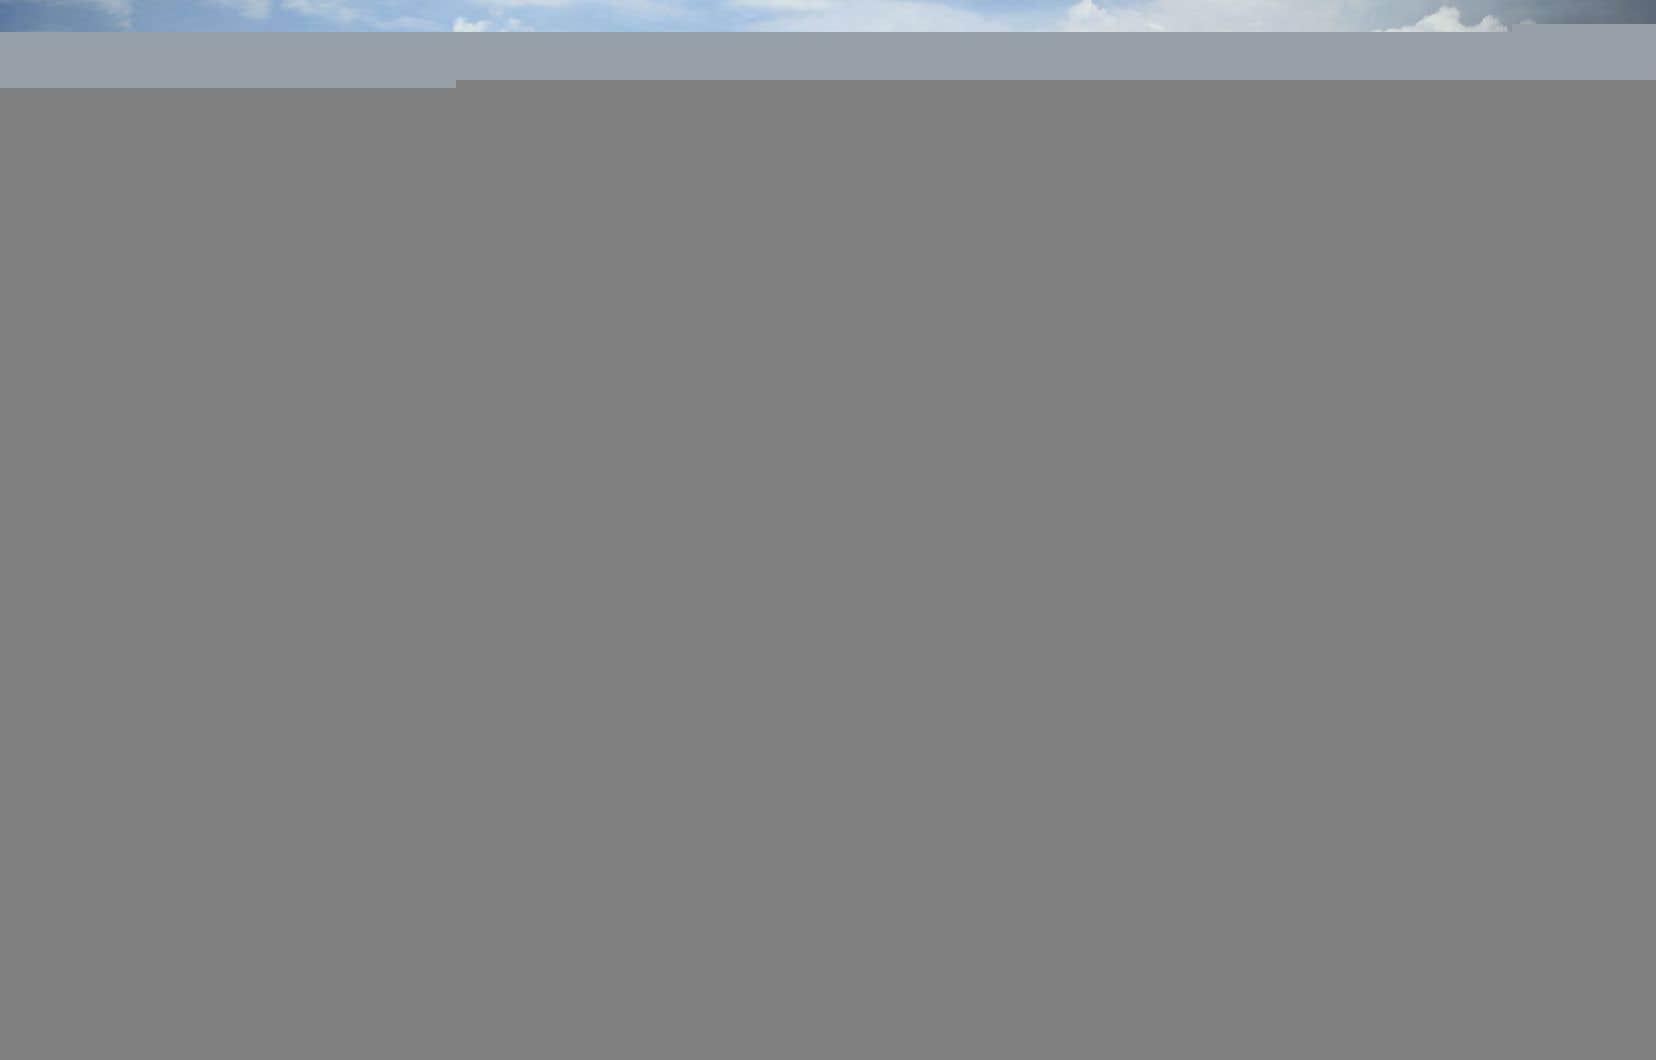 Les passerelles du lac d'Iseo, cerné de montagnes verdoyantes dans une région habituellement paisible, ont été prises d'assaut par le public.